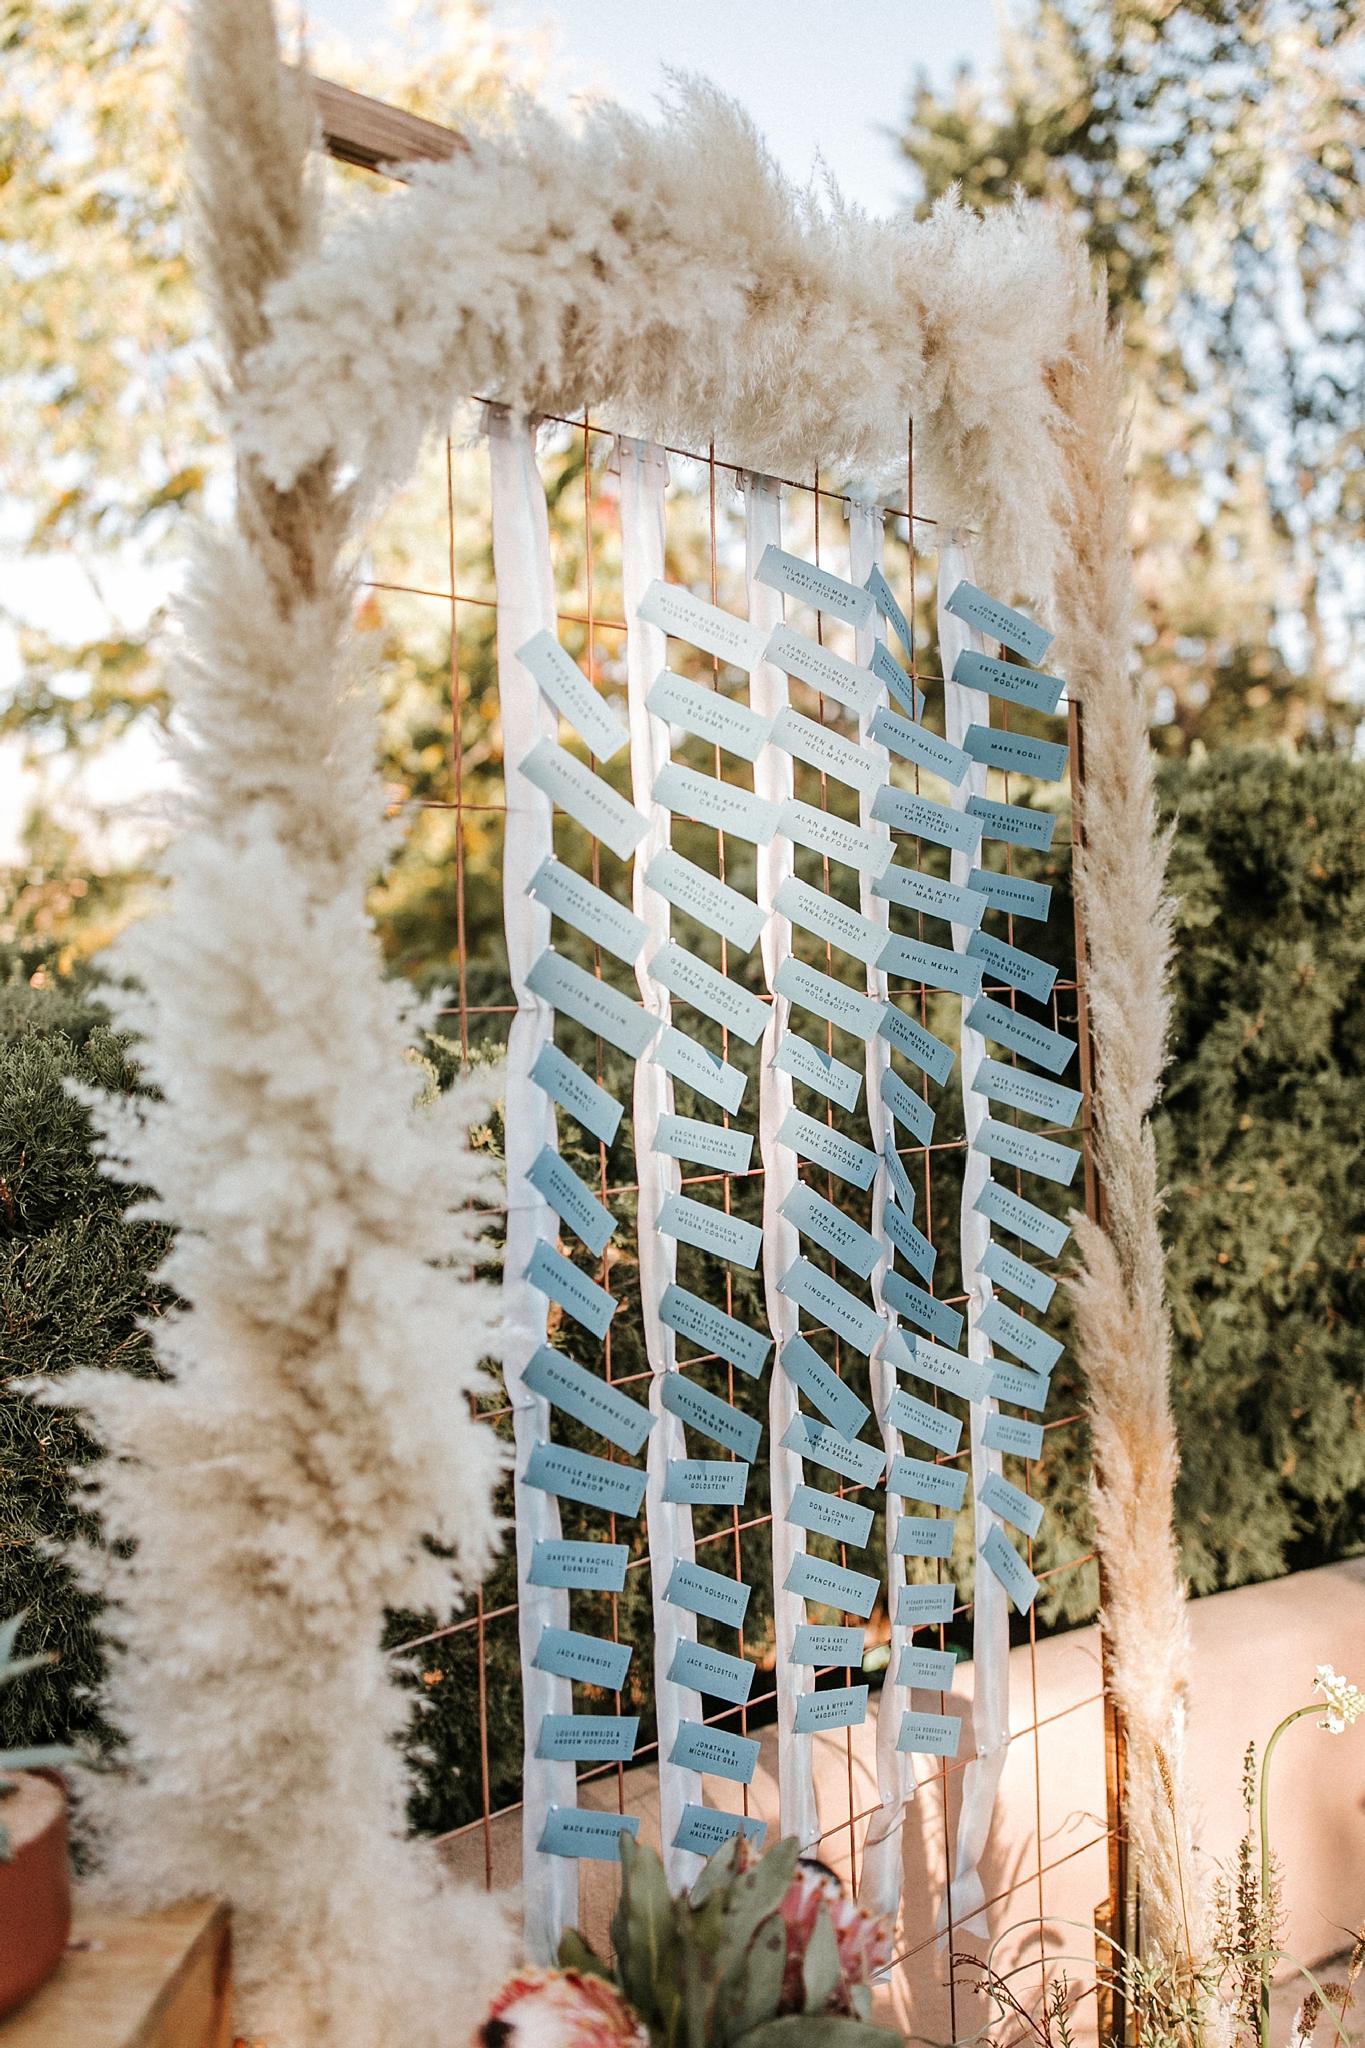 Alicia+lucia+photography+-+albuquerque+wedding+photographer+-+santa+fe+wedding+photography+-+new+mexico+wedding+photographer+-+new+mexico+wedding+-+new+mexico+wedding+-+wedding+florals+-+desert+wedding+-+wedding+trends_0025.jpg